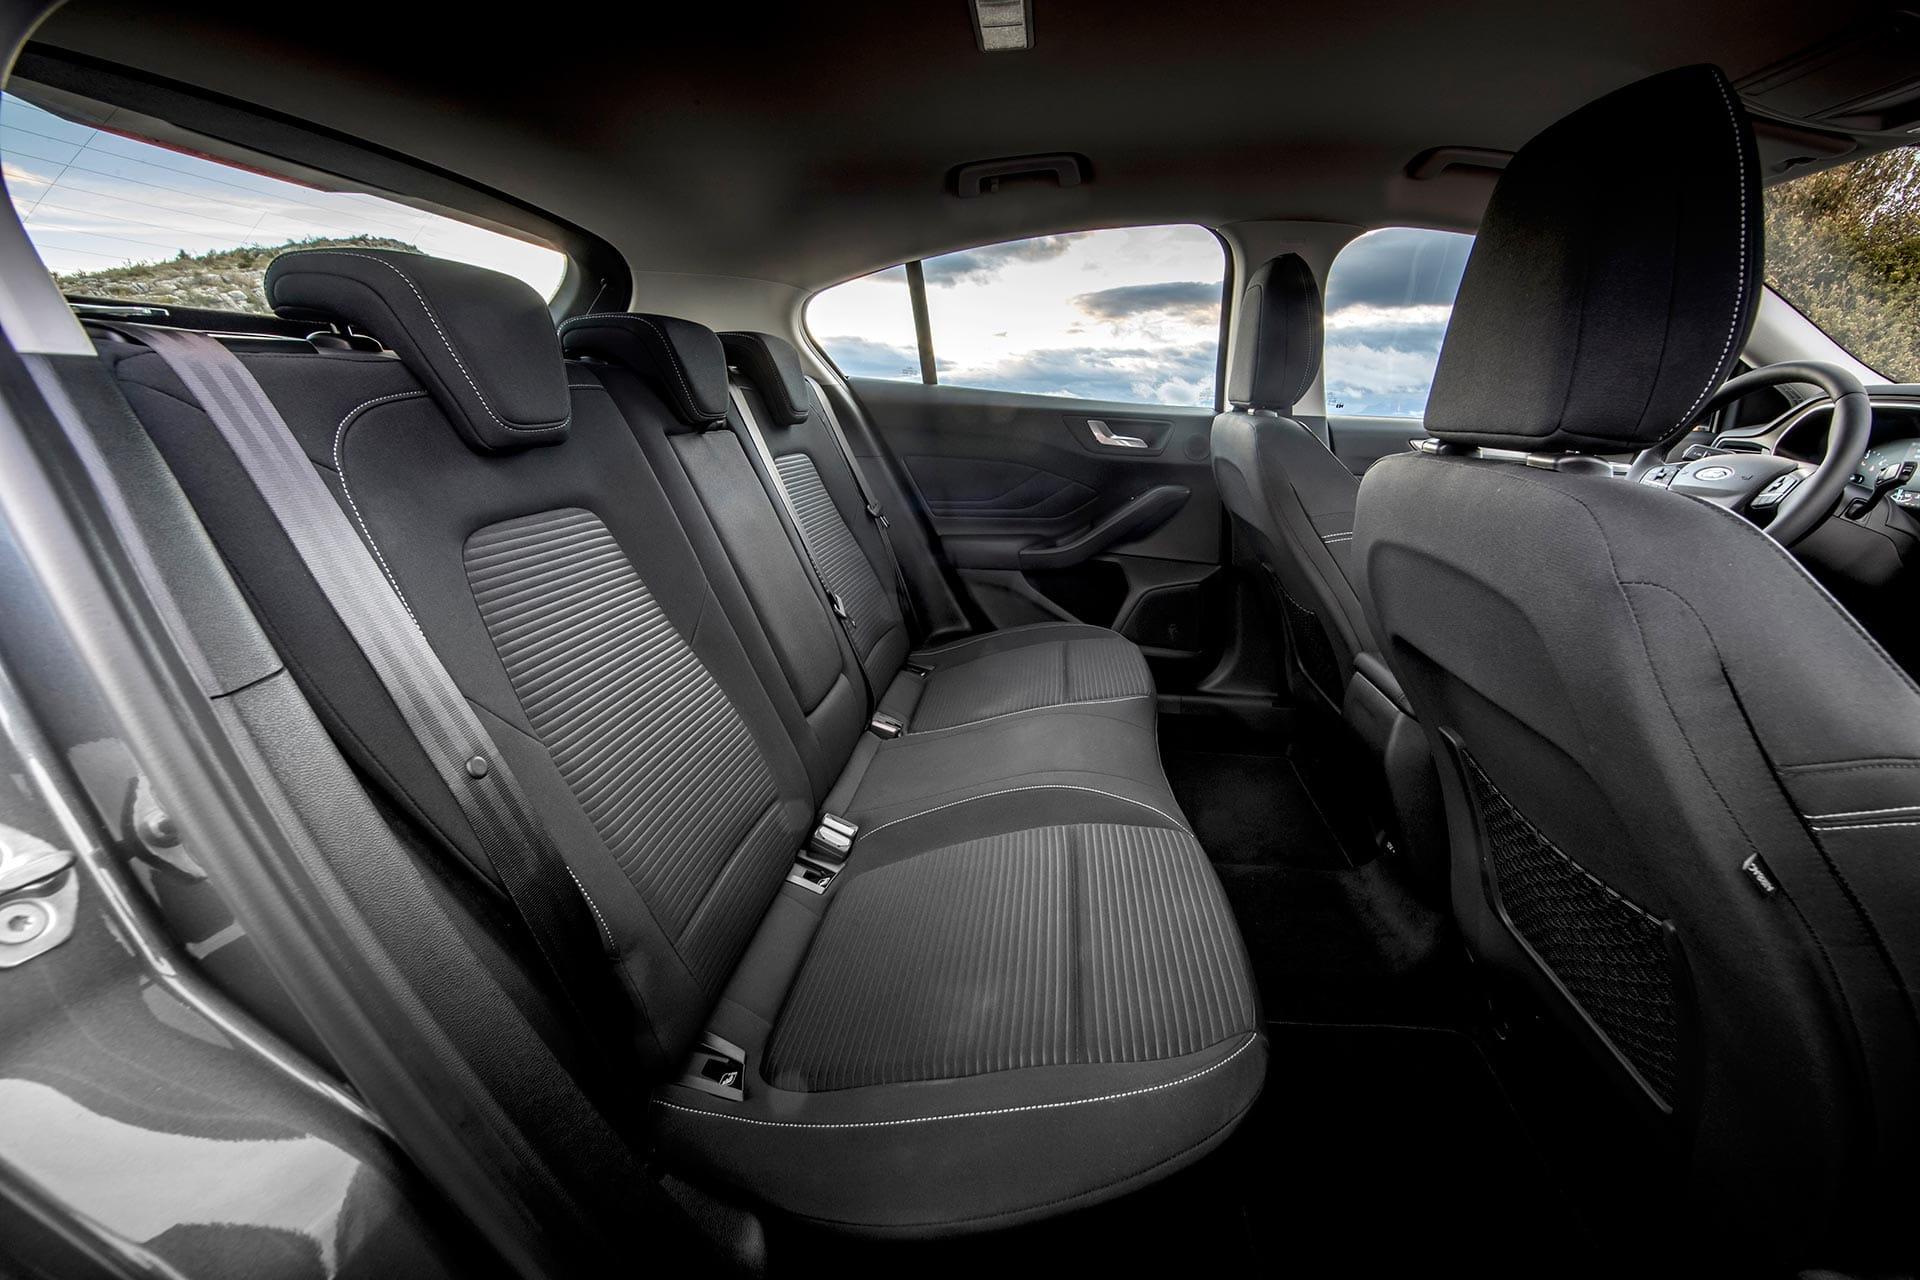 renting ford focus 1.5 ecoblue trend interior trasero